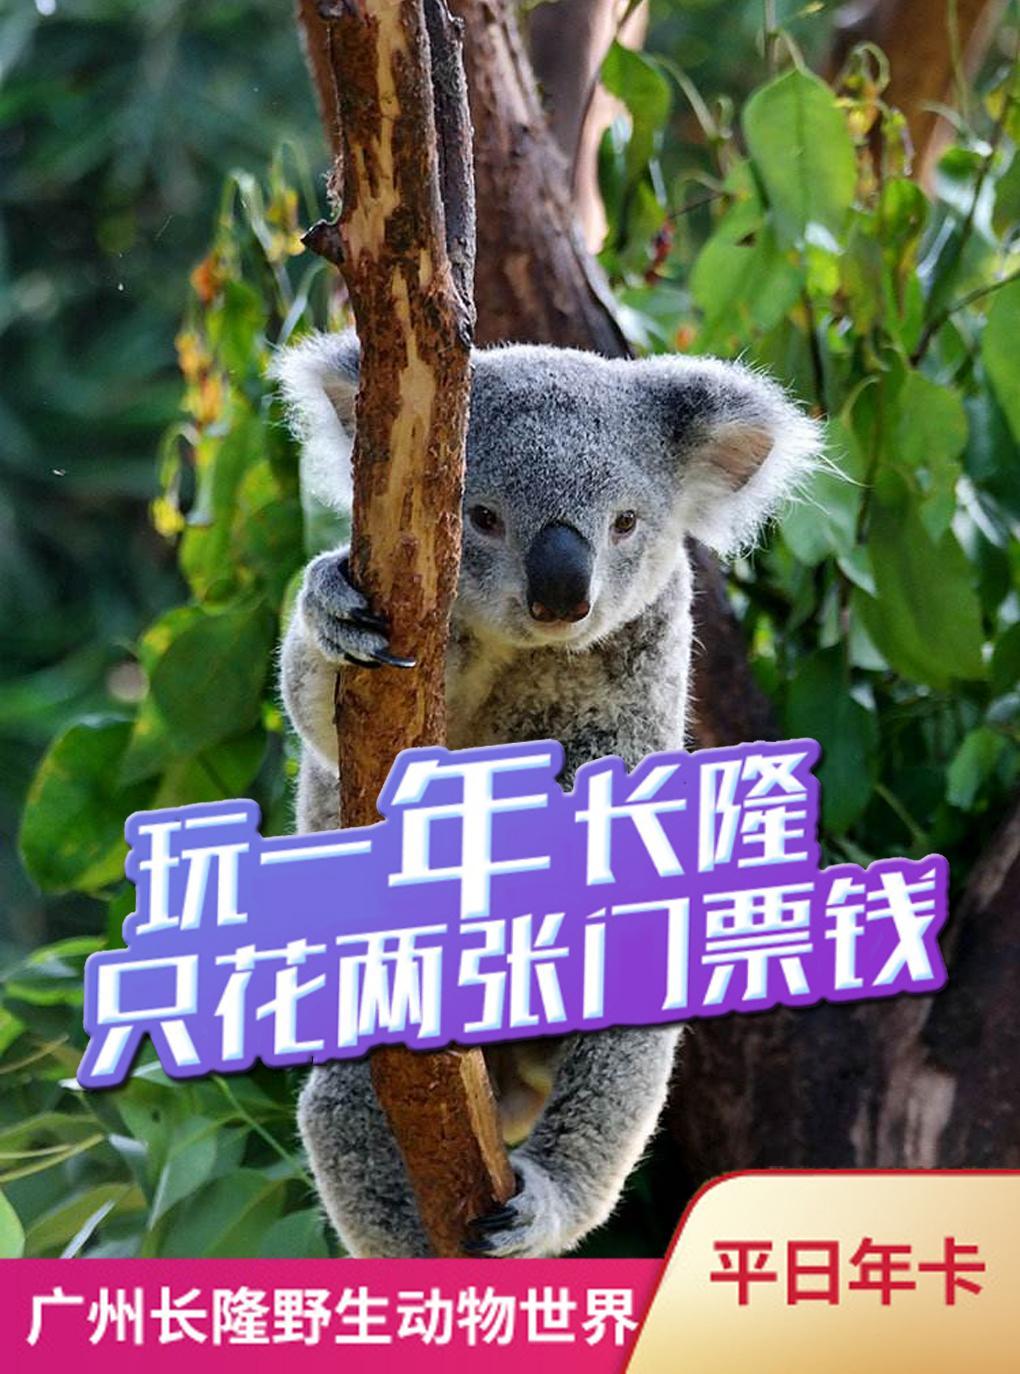 特惠|广州长隆野生动物世界-年卡